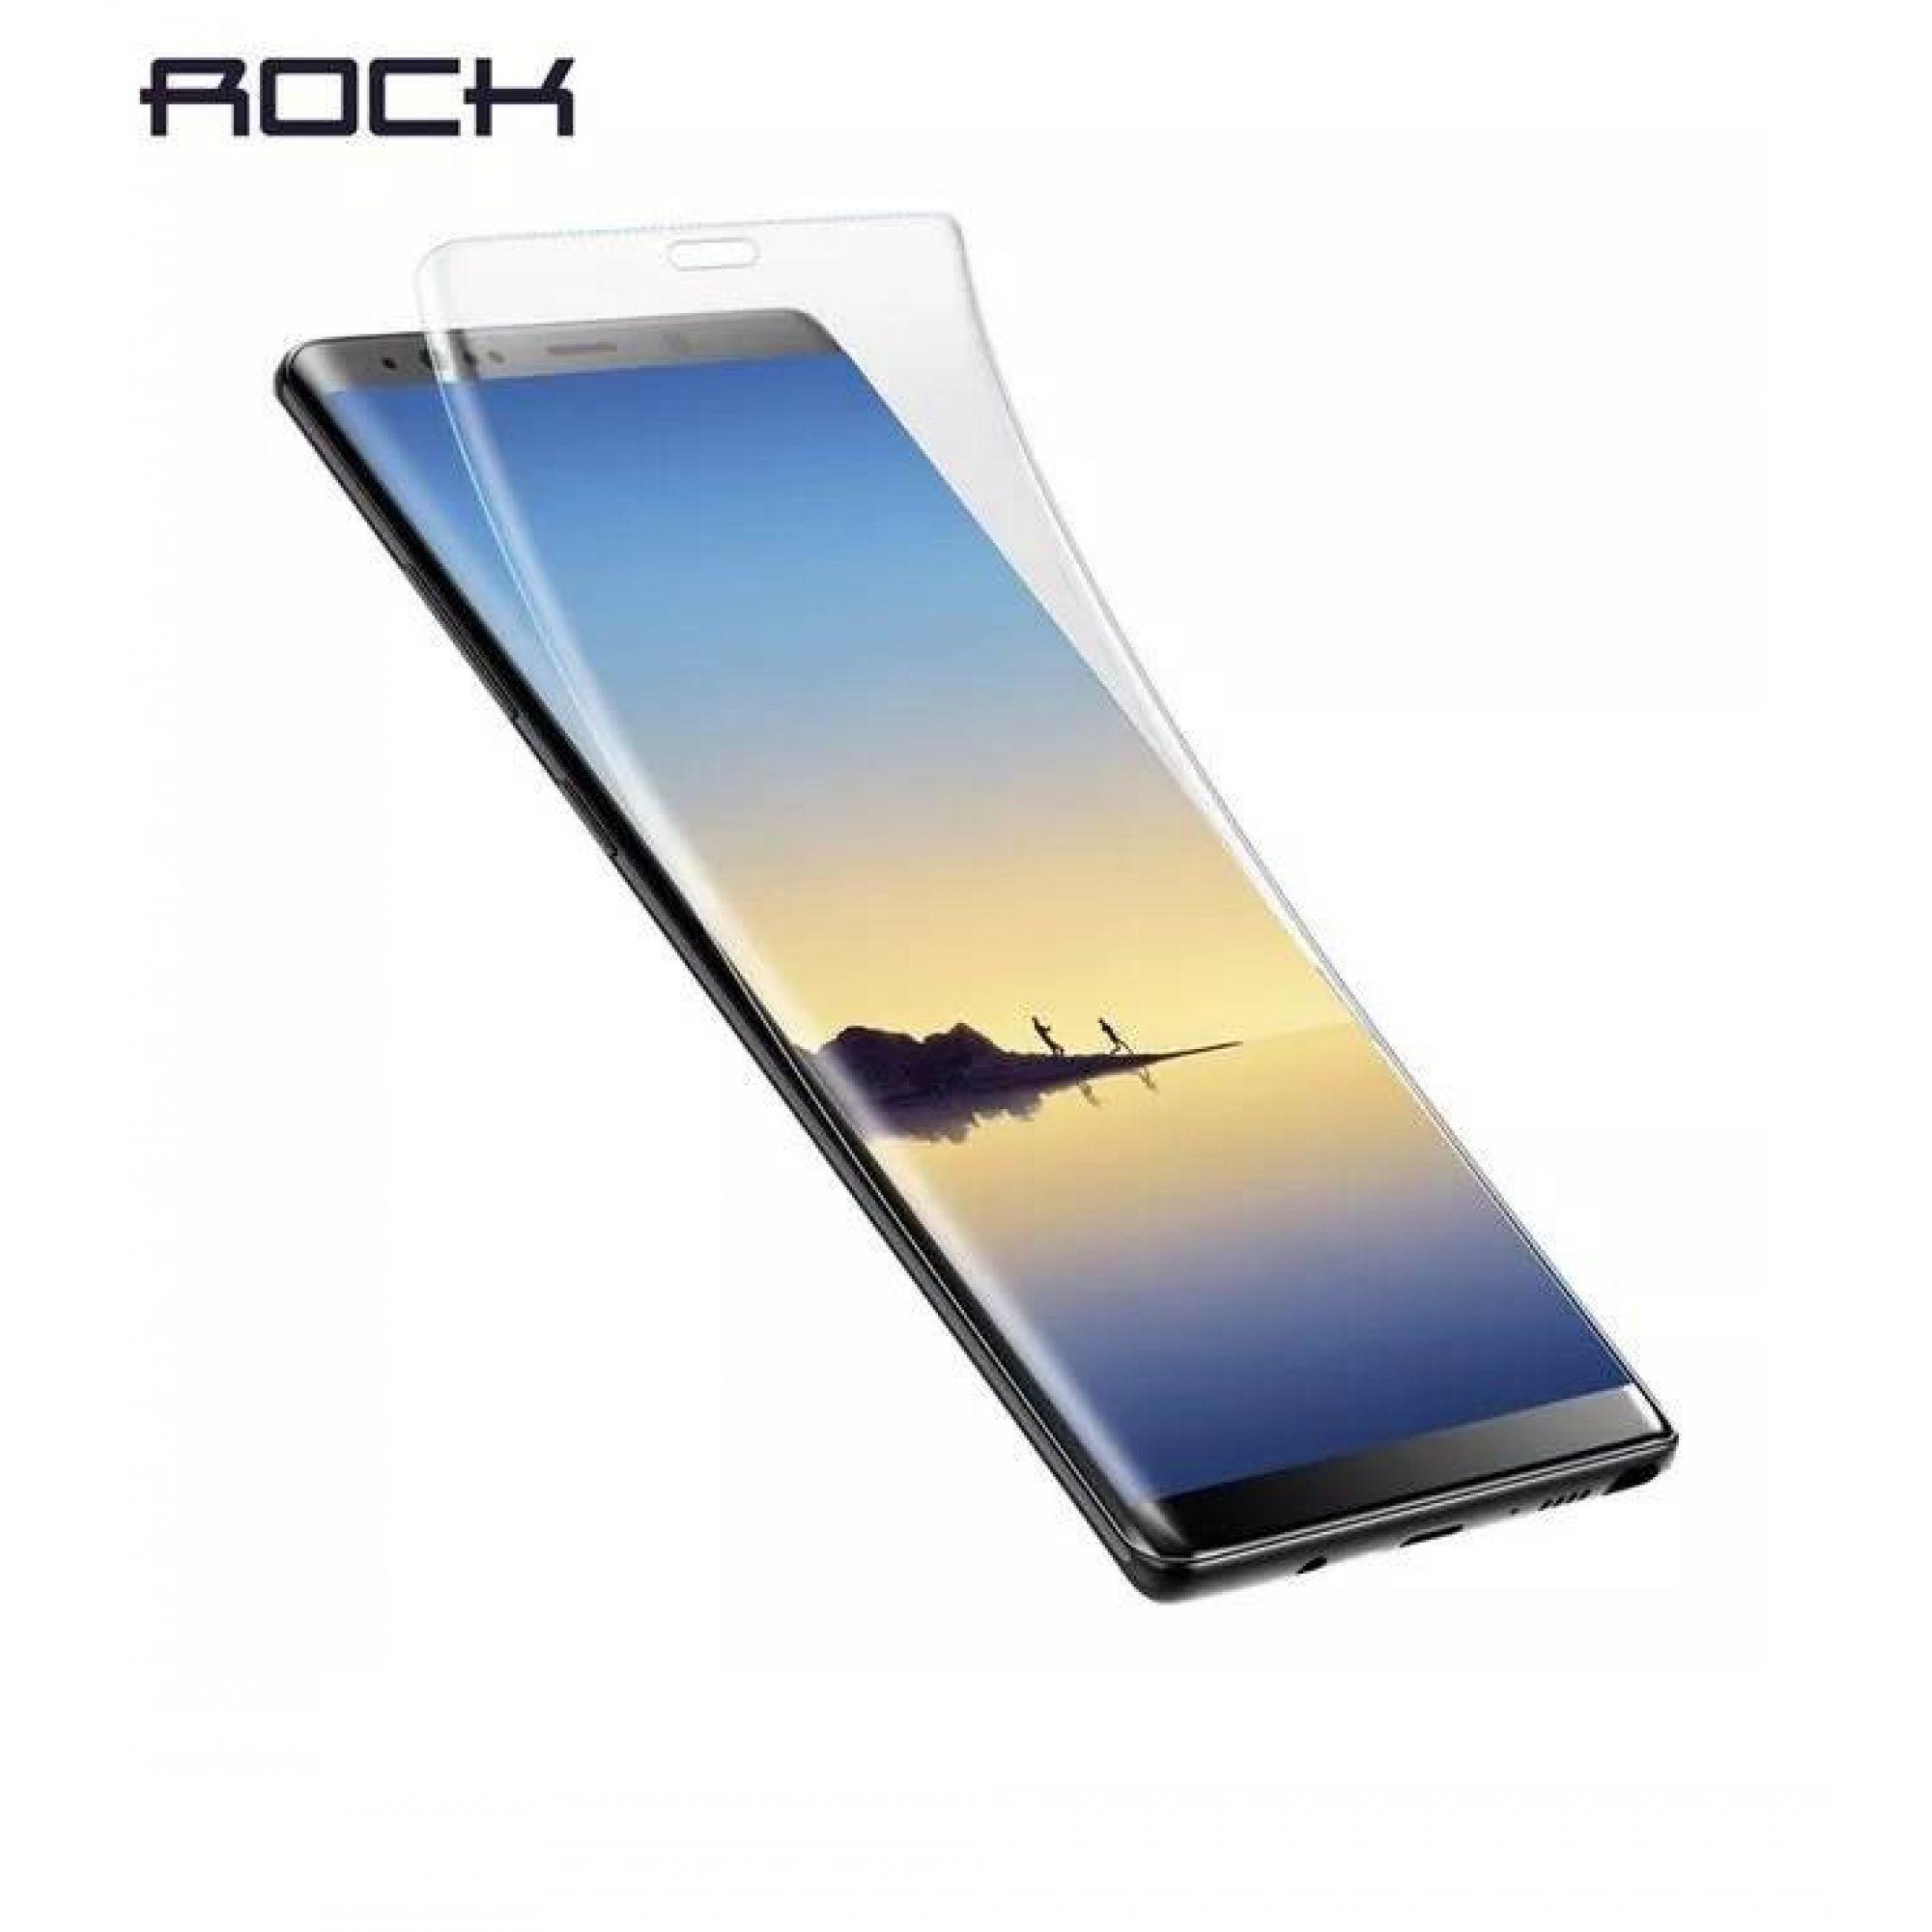 PELÍCULAS HyDROGEL ROCK Samsung TODOS OS MODELOS